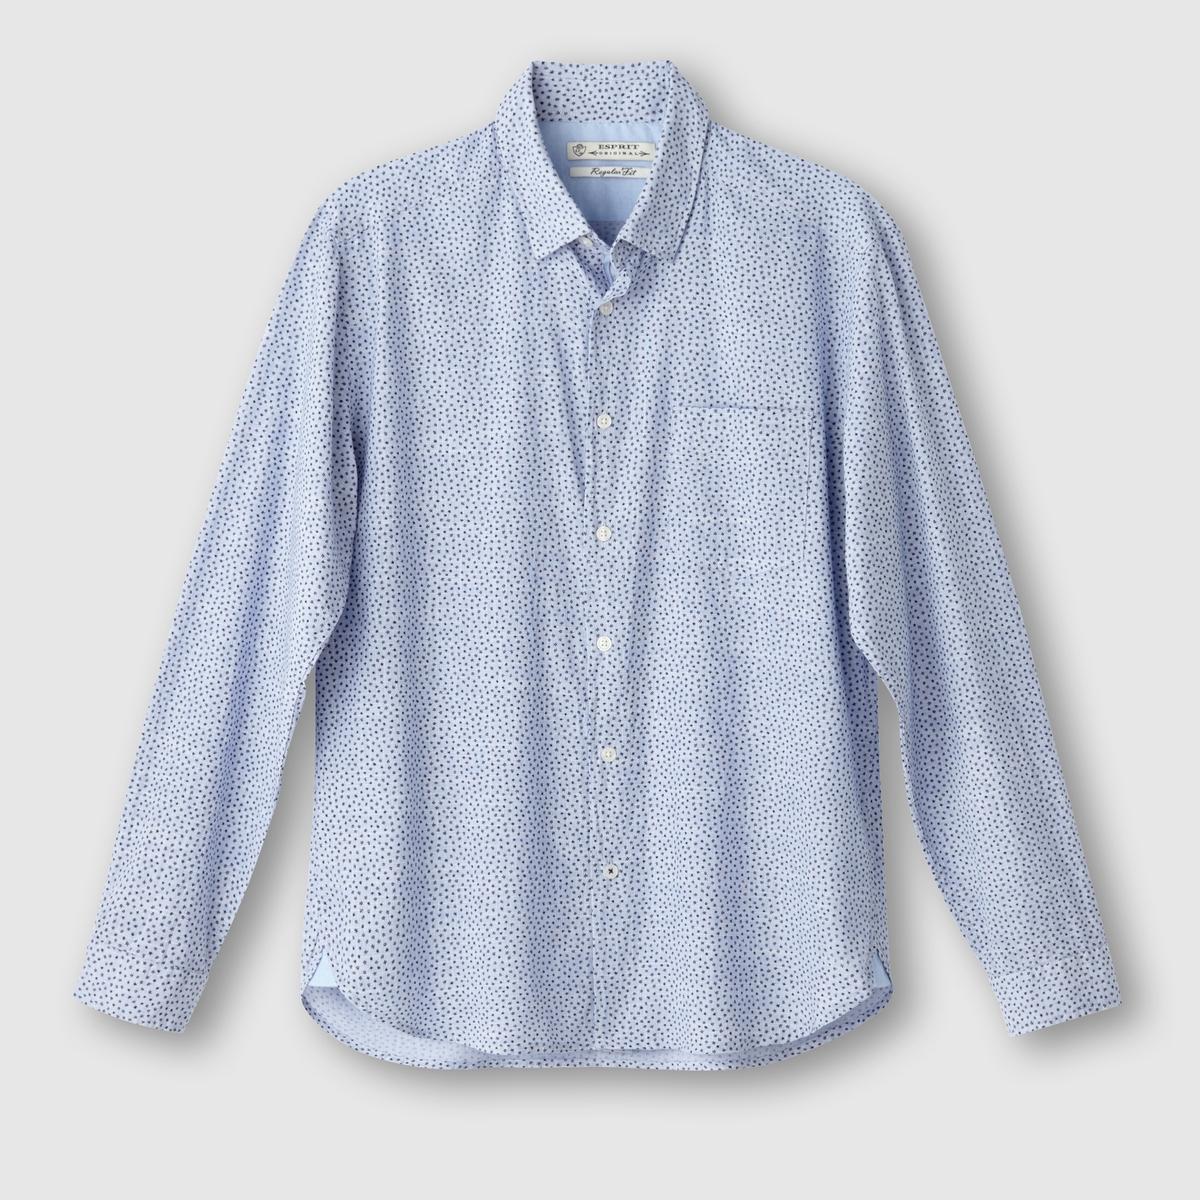 Рубашка с рисунком с длинными рукавами, 100% хлопка<br><br>Цвет: синий